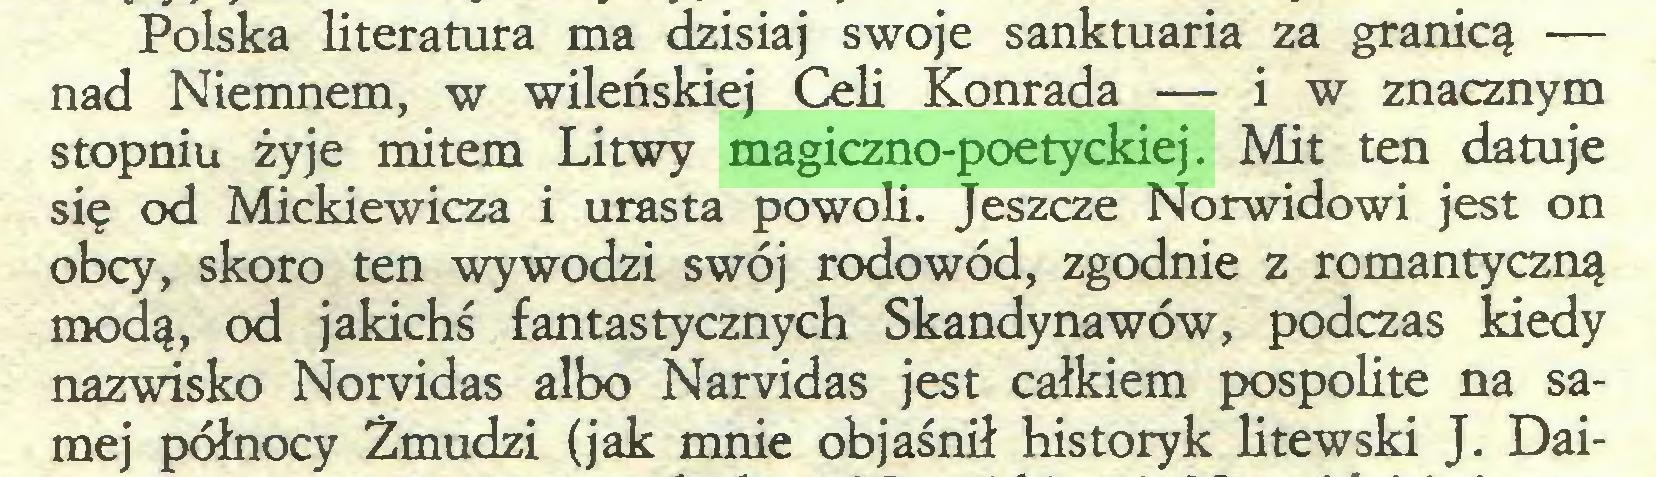 (...) Polska literatura ma dzisiaj swoje sanktuaria za granicą — nad Niemnem, w wileńskiej Celi Konrada — iw znacznym stopniu żyje mitem Litwy magiczno-poetyckiej. Mit ten datuje się od Mickiewicza i urasta powoli. Jeszcze Norwidowi jest on obcy, skoro ten wywodzi swój rodowód, zgodnie z romantyczną modą, od jakichś fantastycznych Skandynawów, podczas kiedy nazwisko Norvidas albo Narvidas jest całkiem pospolite na samej północy Żmudzi (jak mnie objaśnił historyk litewski J. Dai...